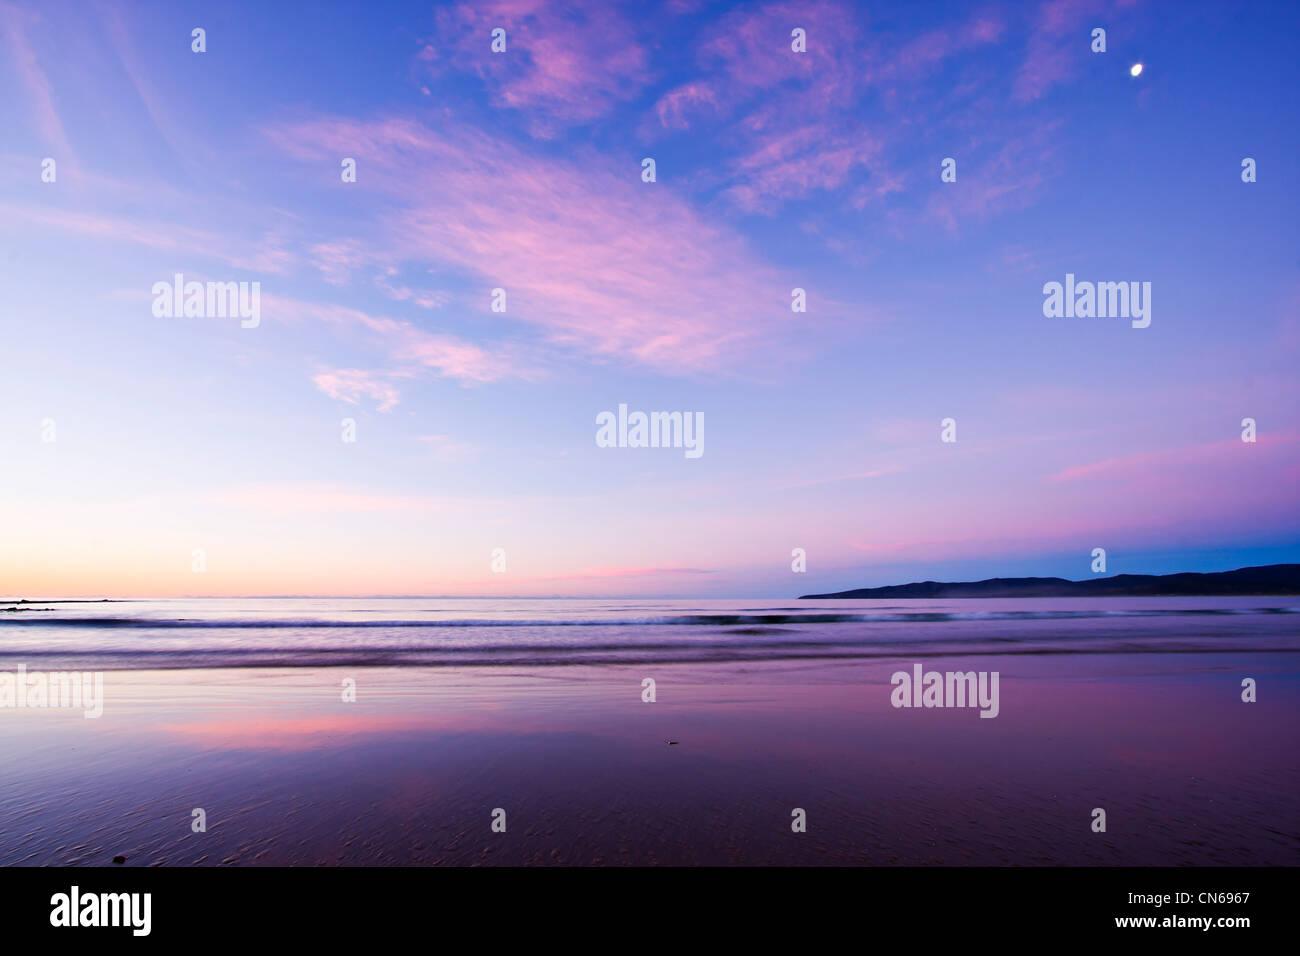 Einbruch der Dunkelheit Farben und Reflexionen am Strand nach Sonnenuntergang Stockfoto